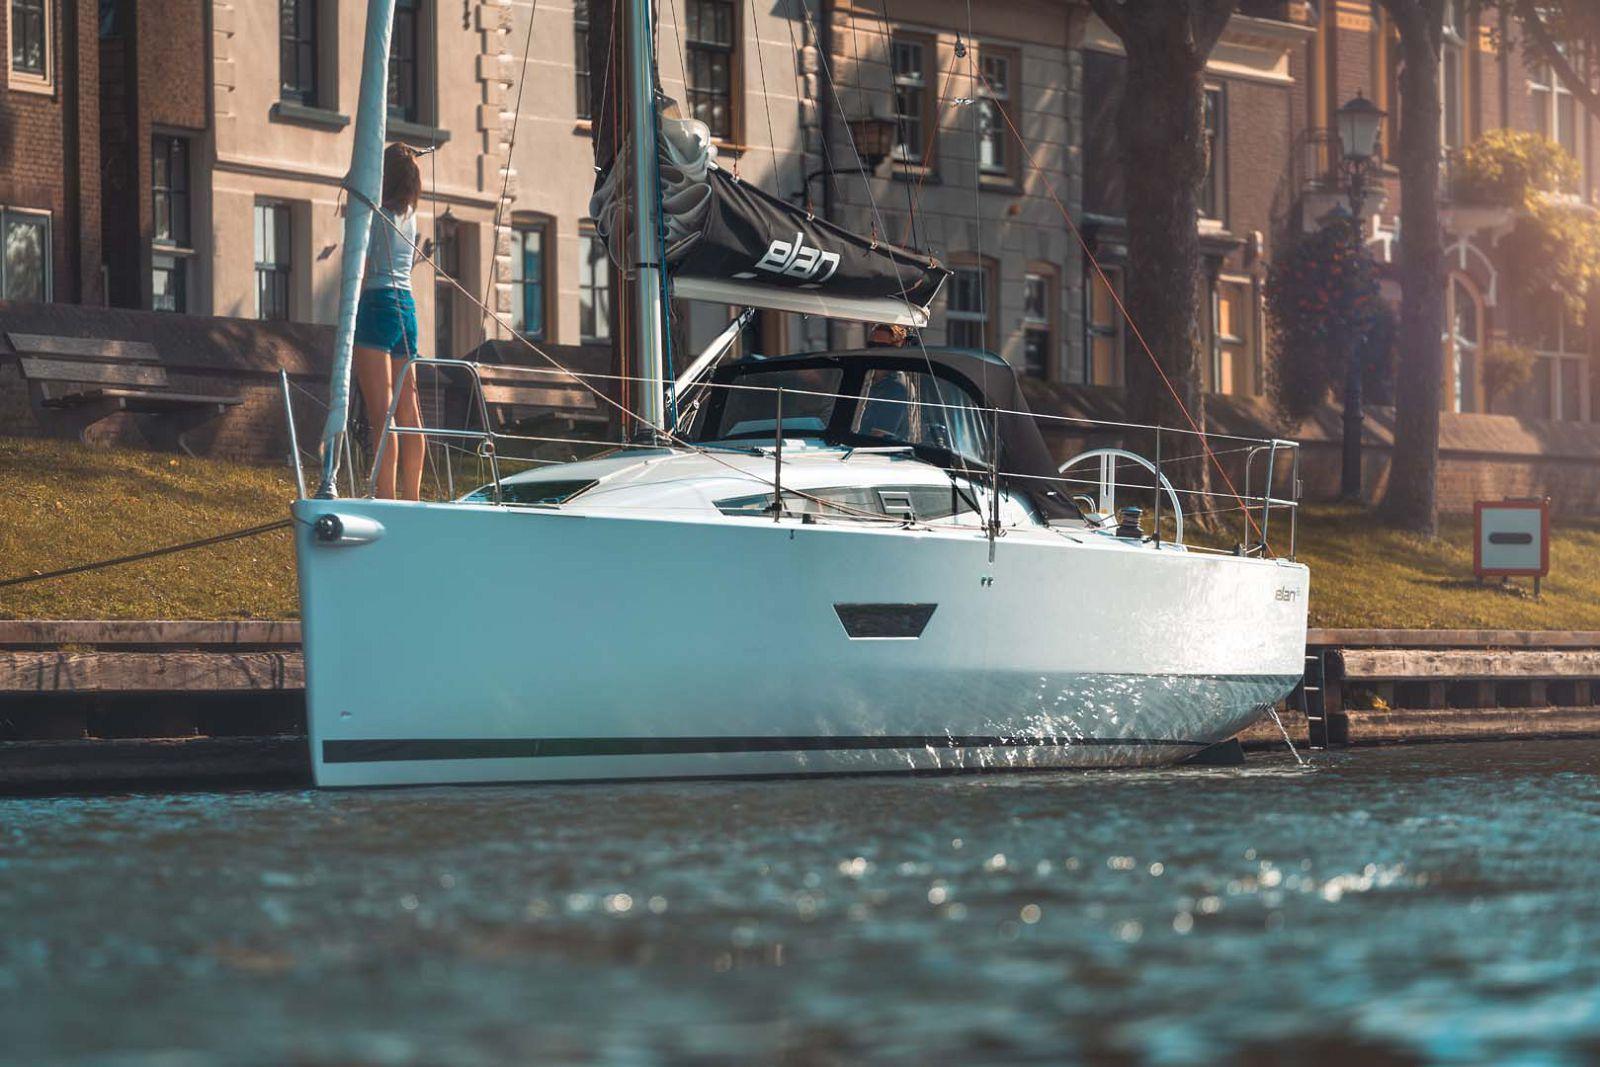 Elan-Yachts-E3-Sailboat-Tied-Up